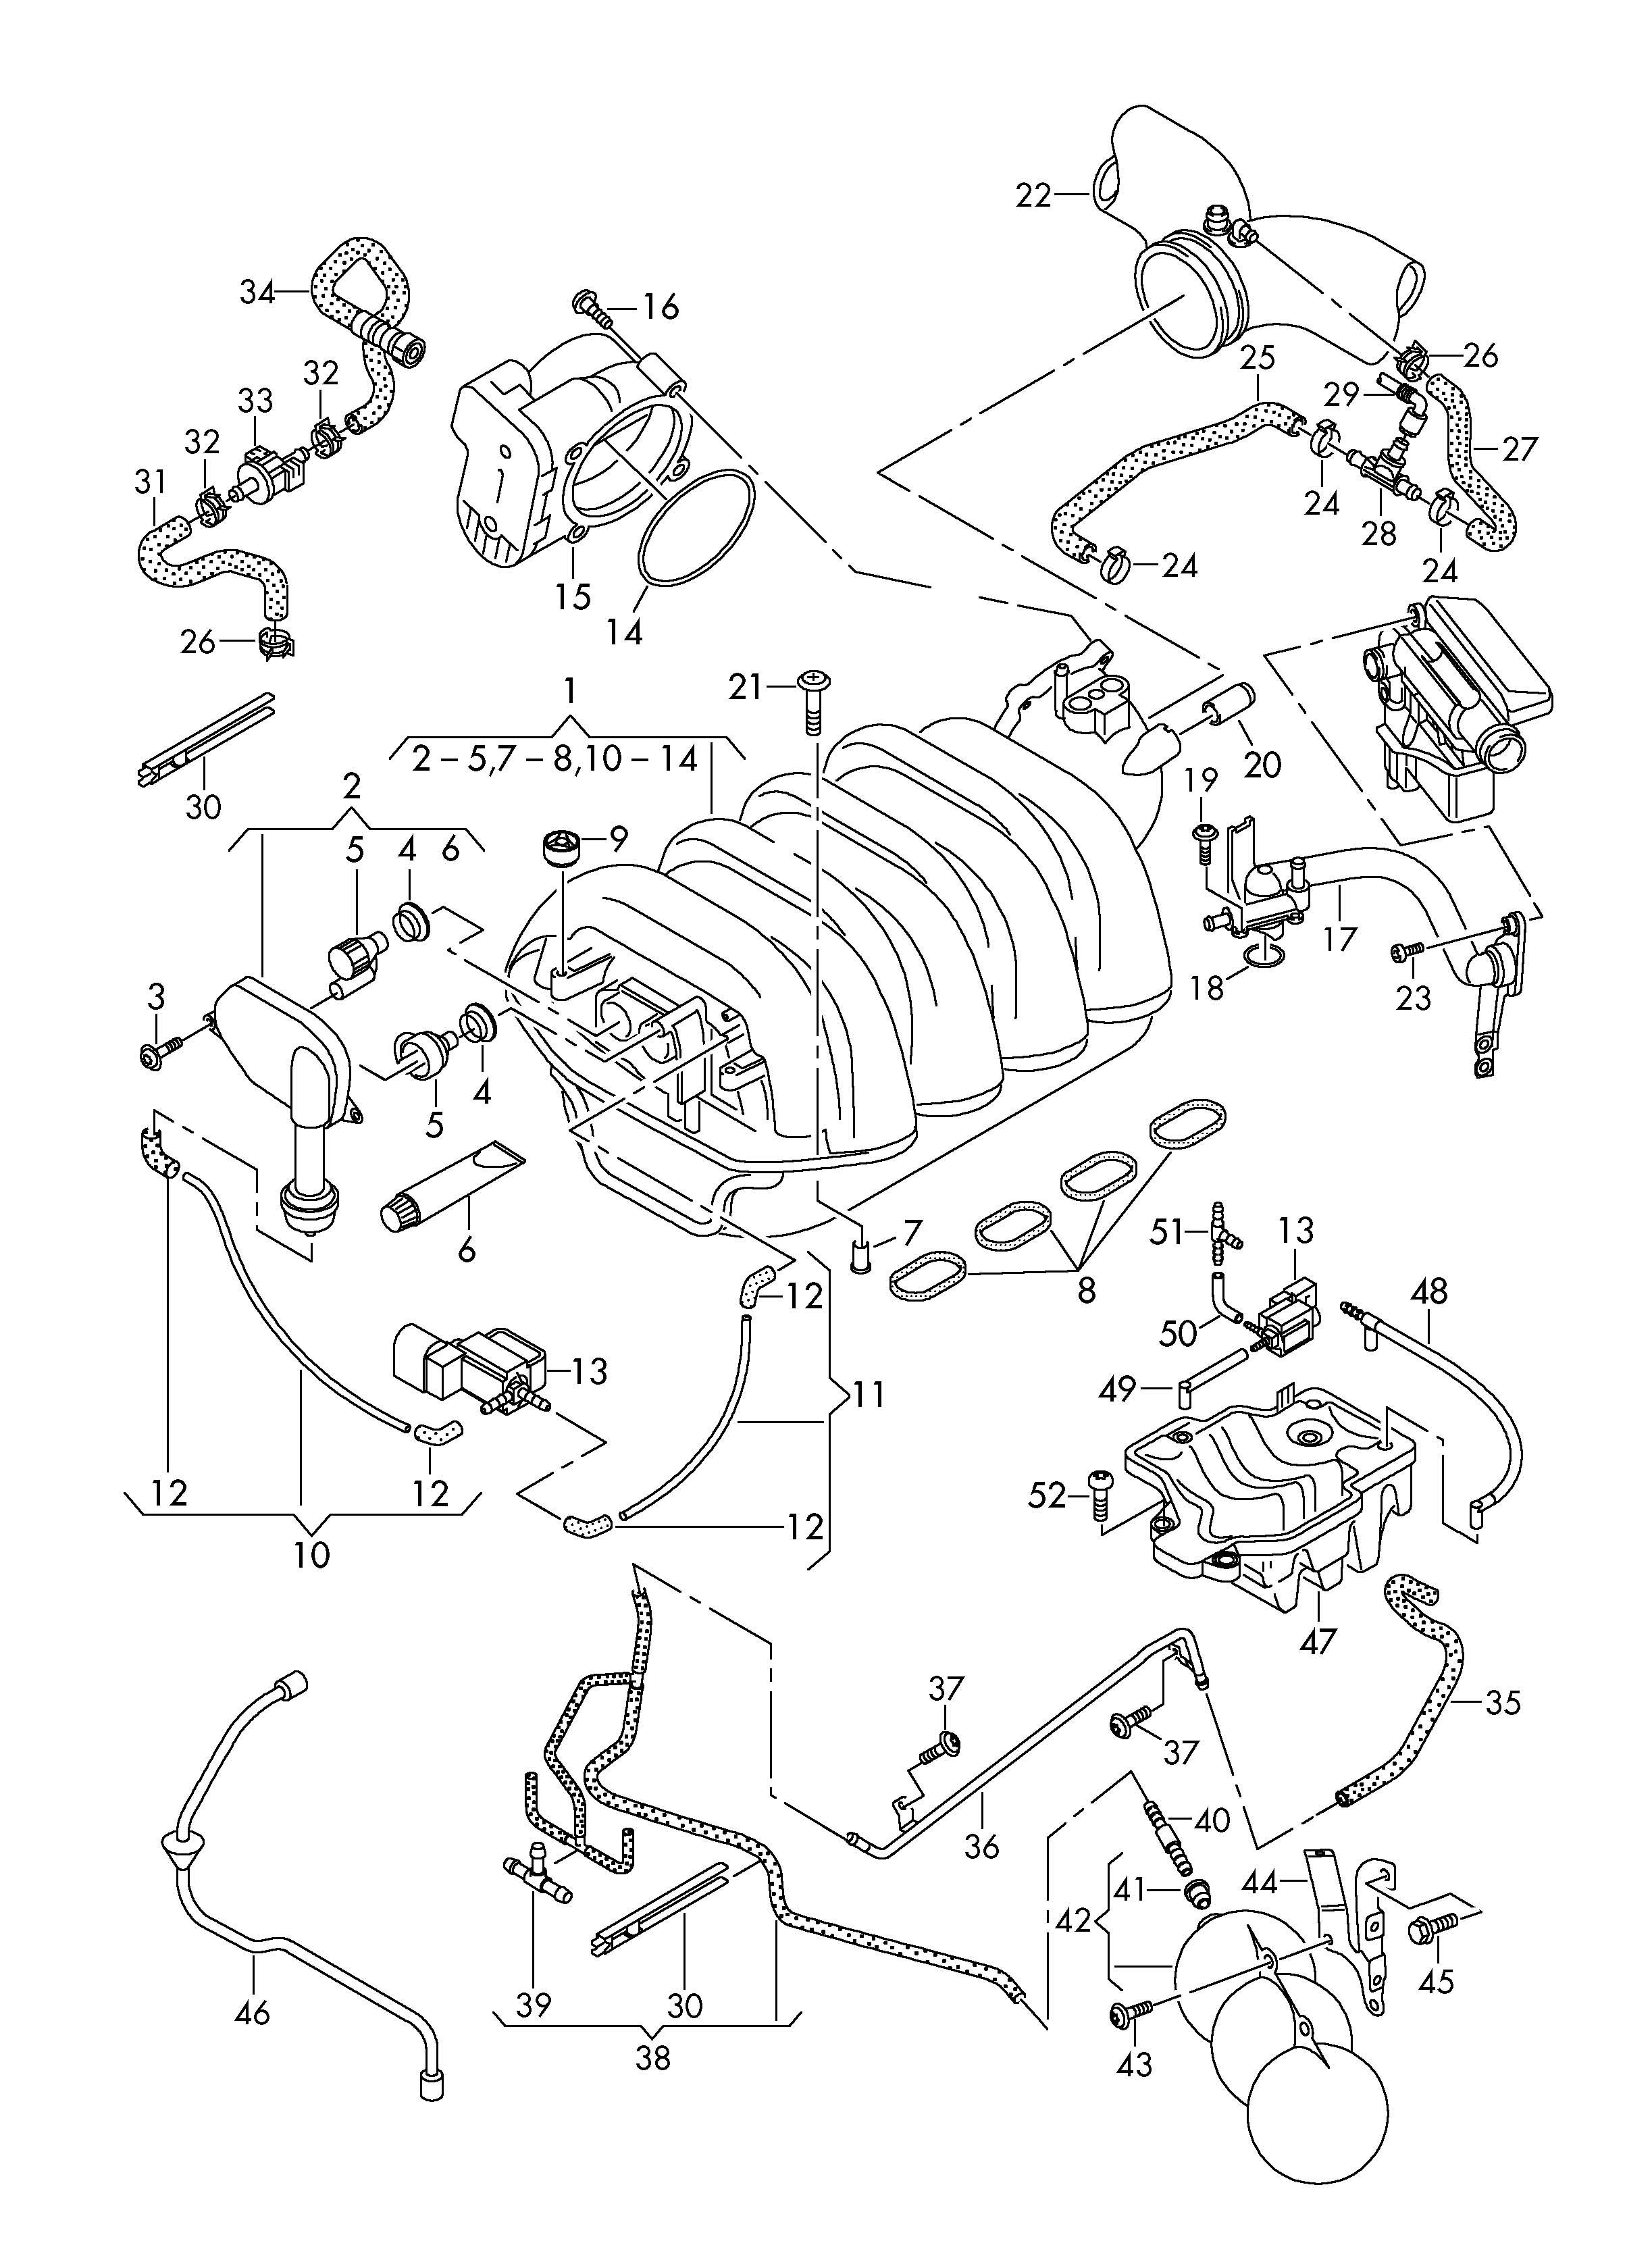 Volkswagen Touareg Intake System Vacuum System